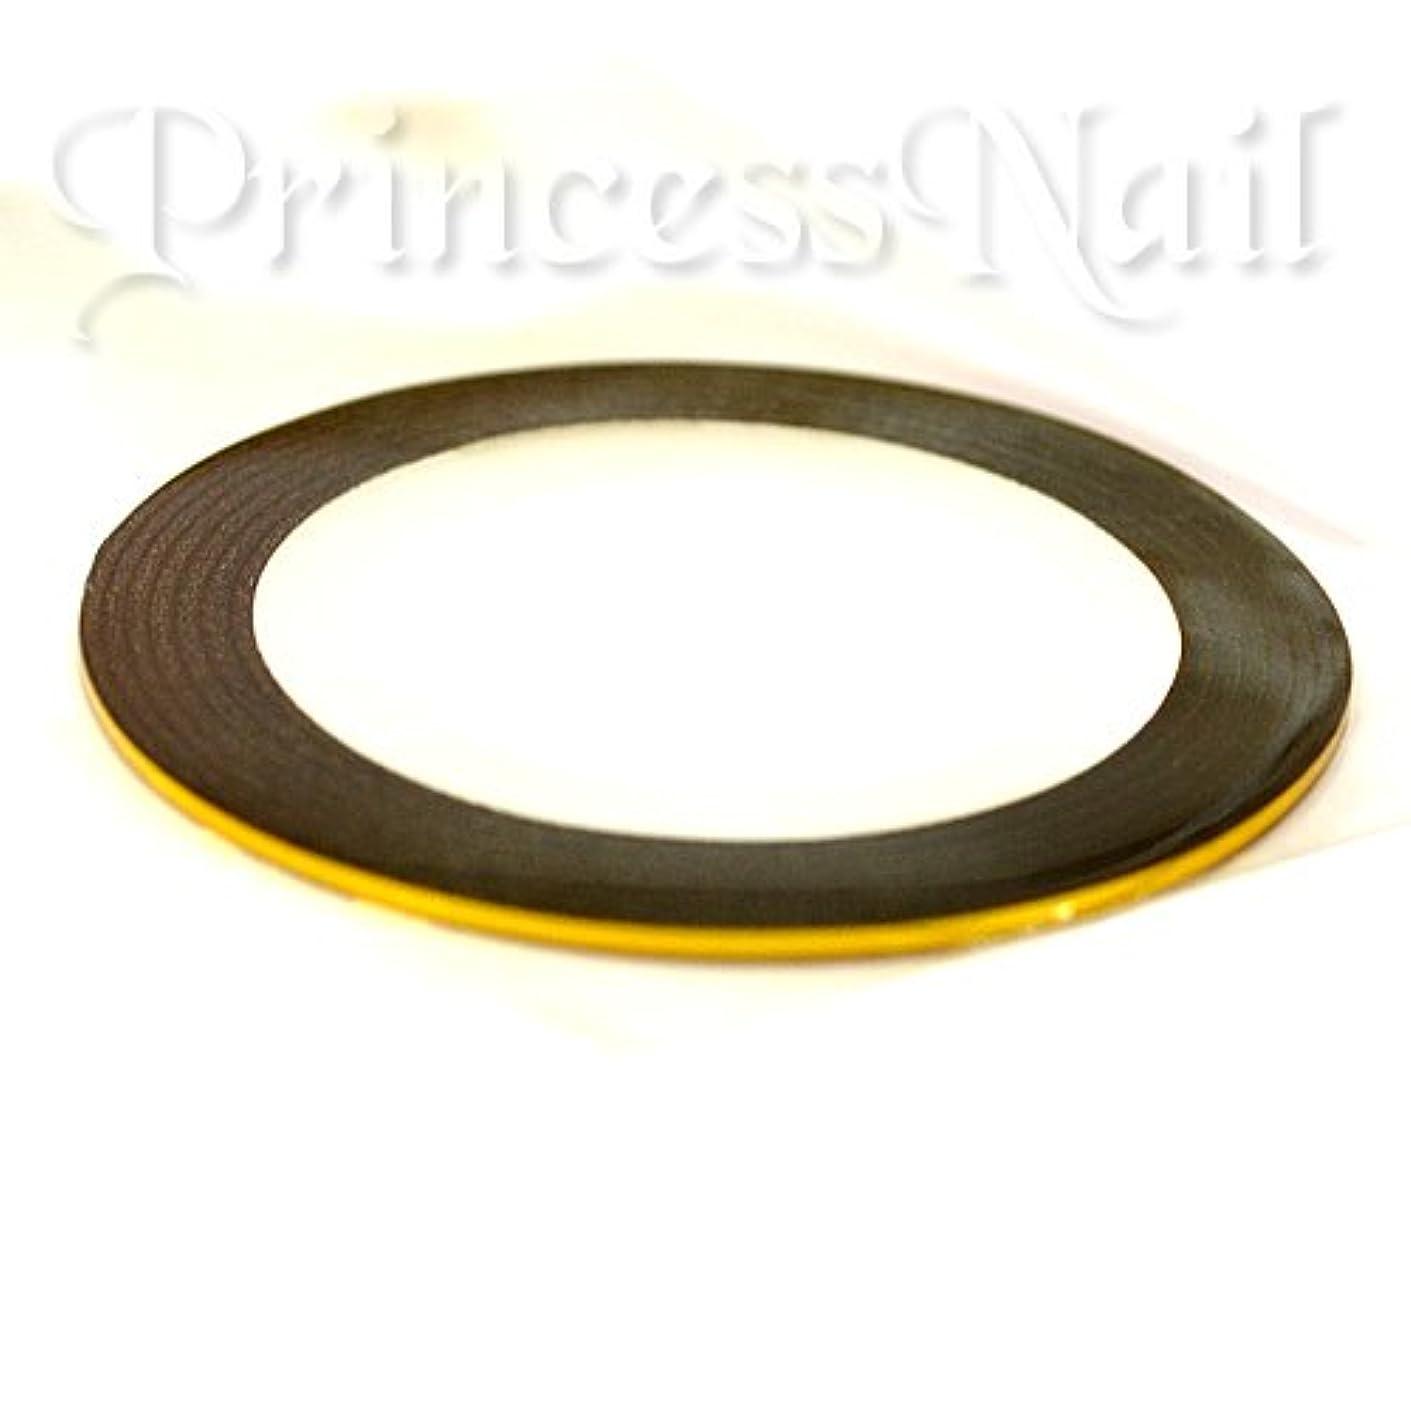 パッケージインフラ災害ラインテープ ゴールド(gold)幅1ミリ×長さ18メートルのラインシール